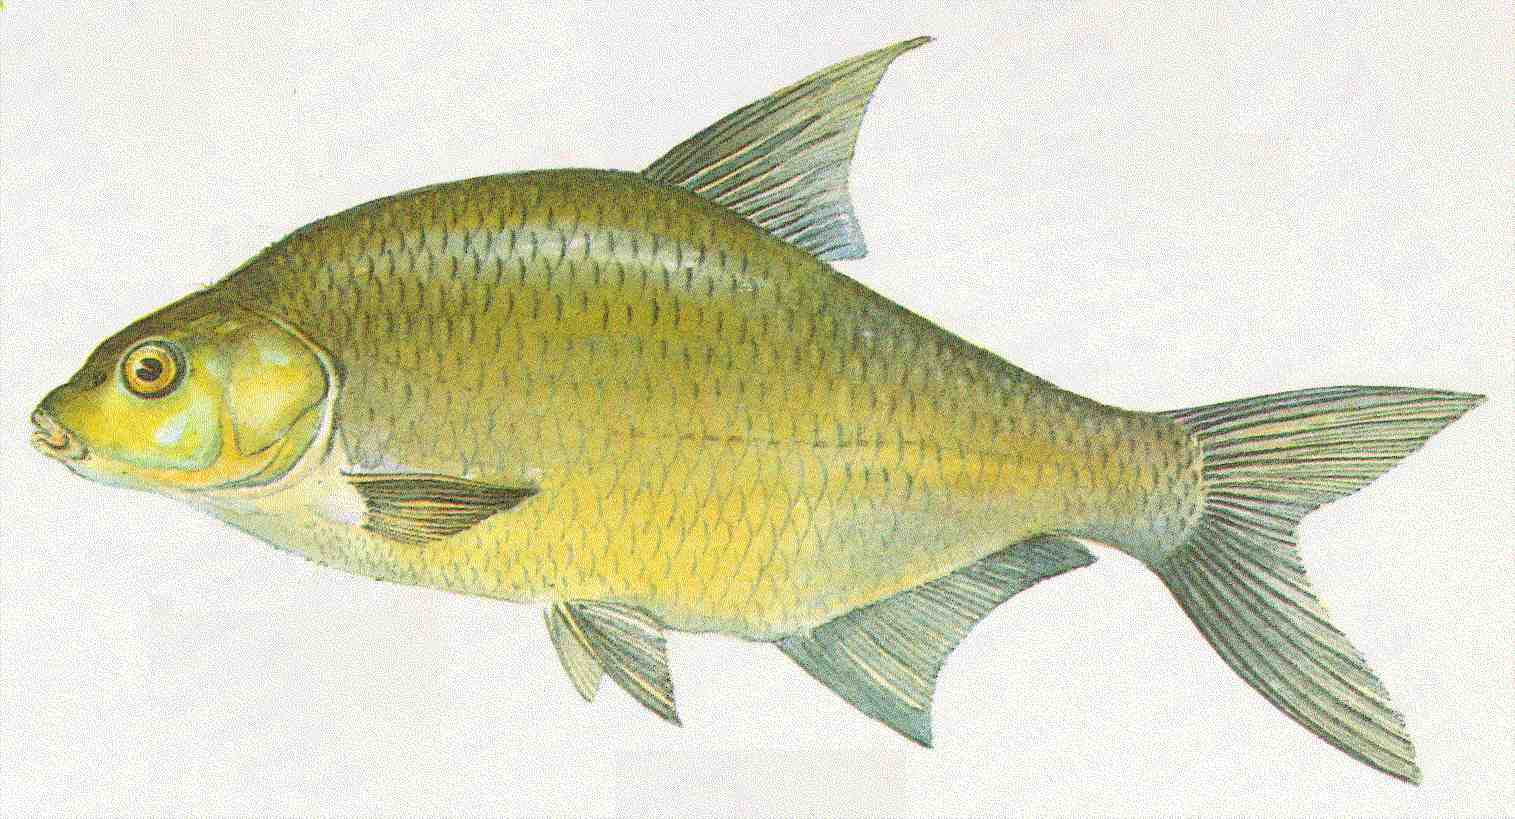 Index of bern teich fische bilder for Fische algenfresser teich